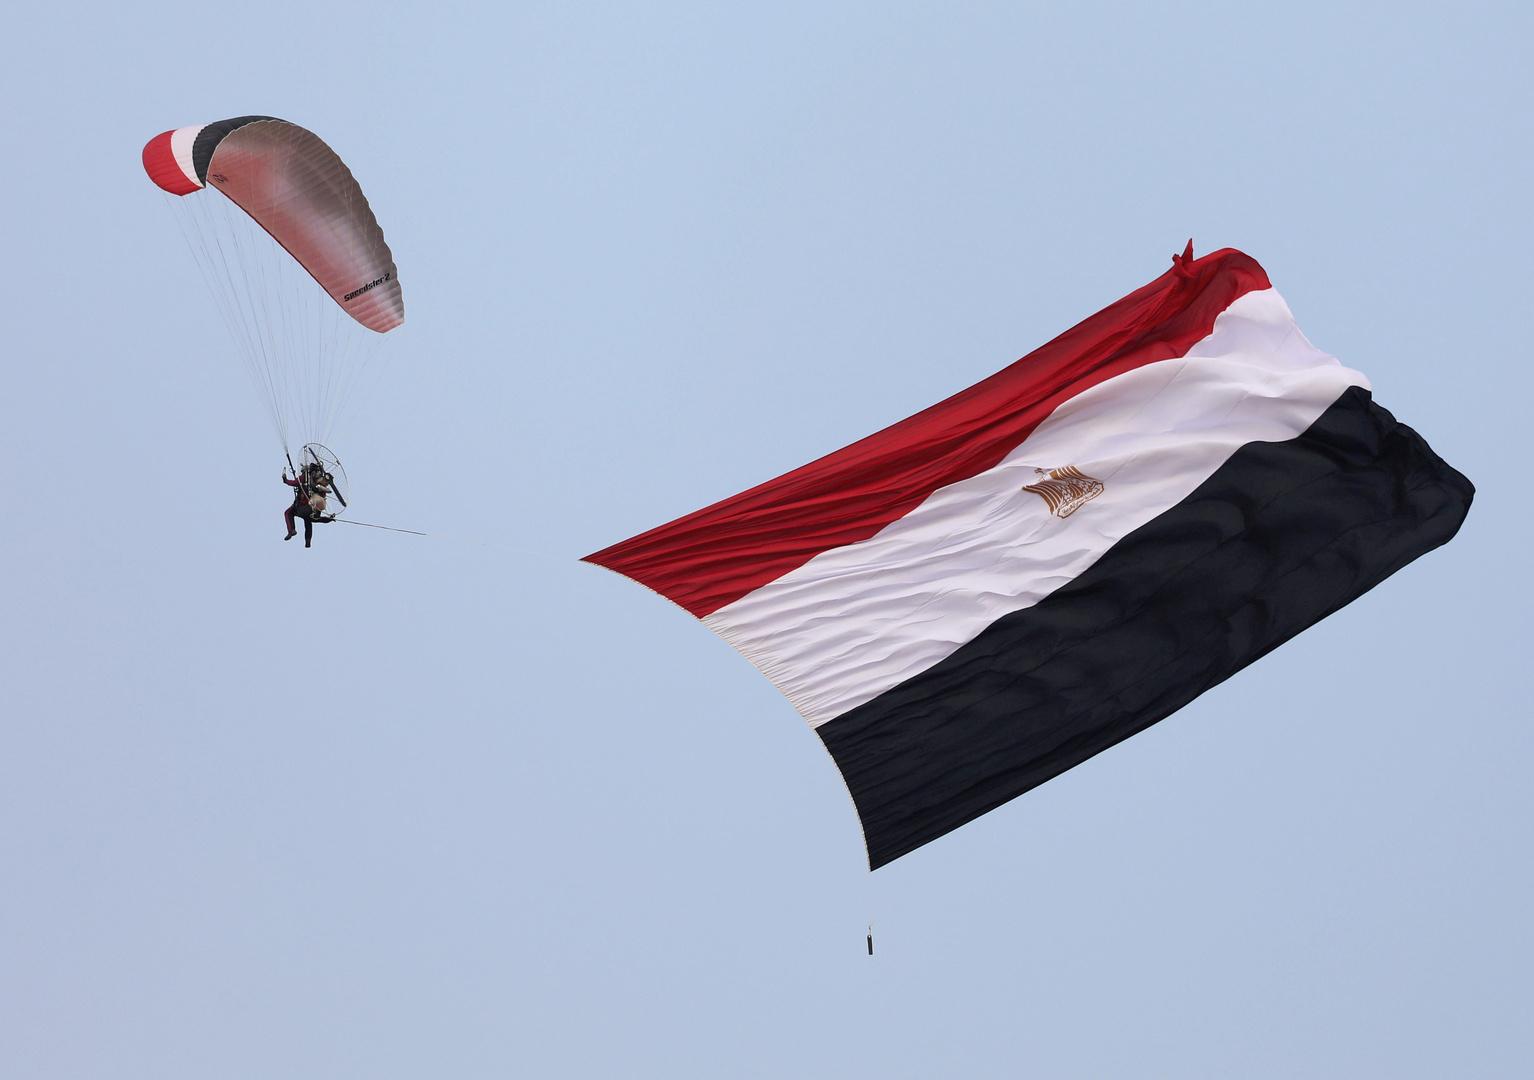 مصر تعلن عن تحديات غير مسبوقة في تاريخها خارج الحدود وداخلها